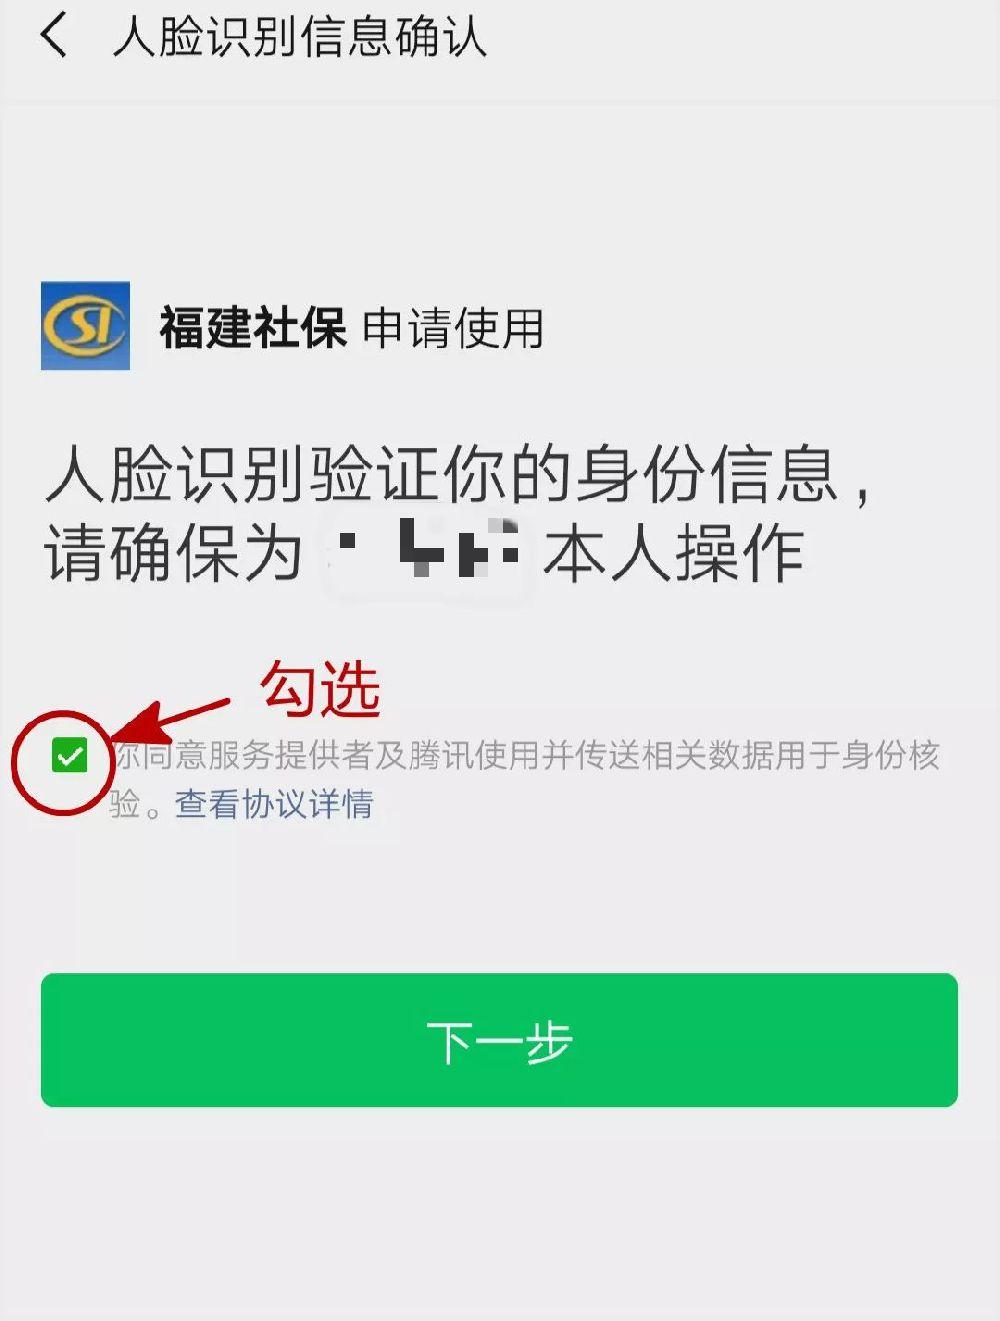 福州社会保险待遇领取资格线上认证指南